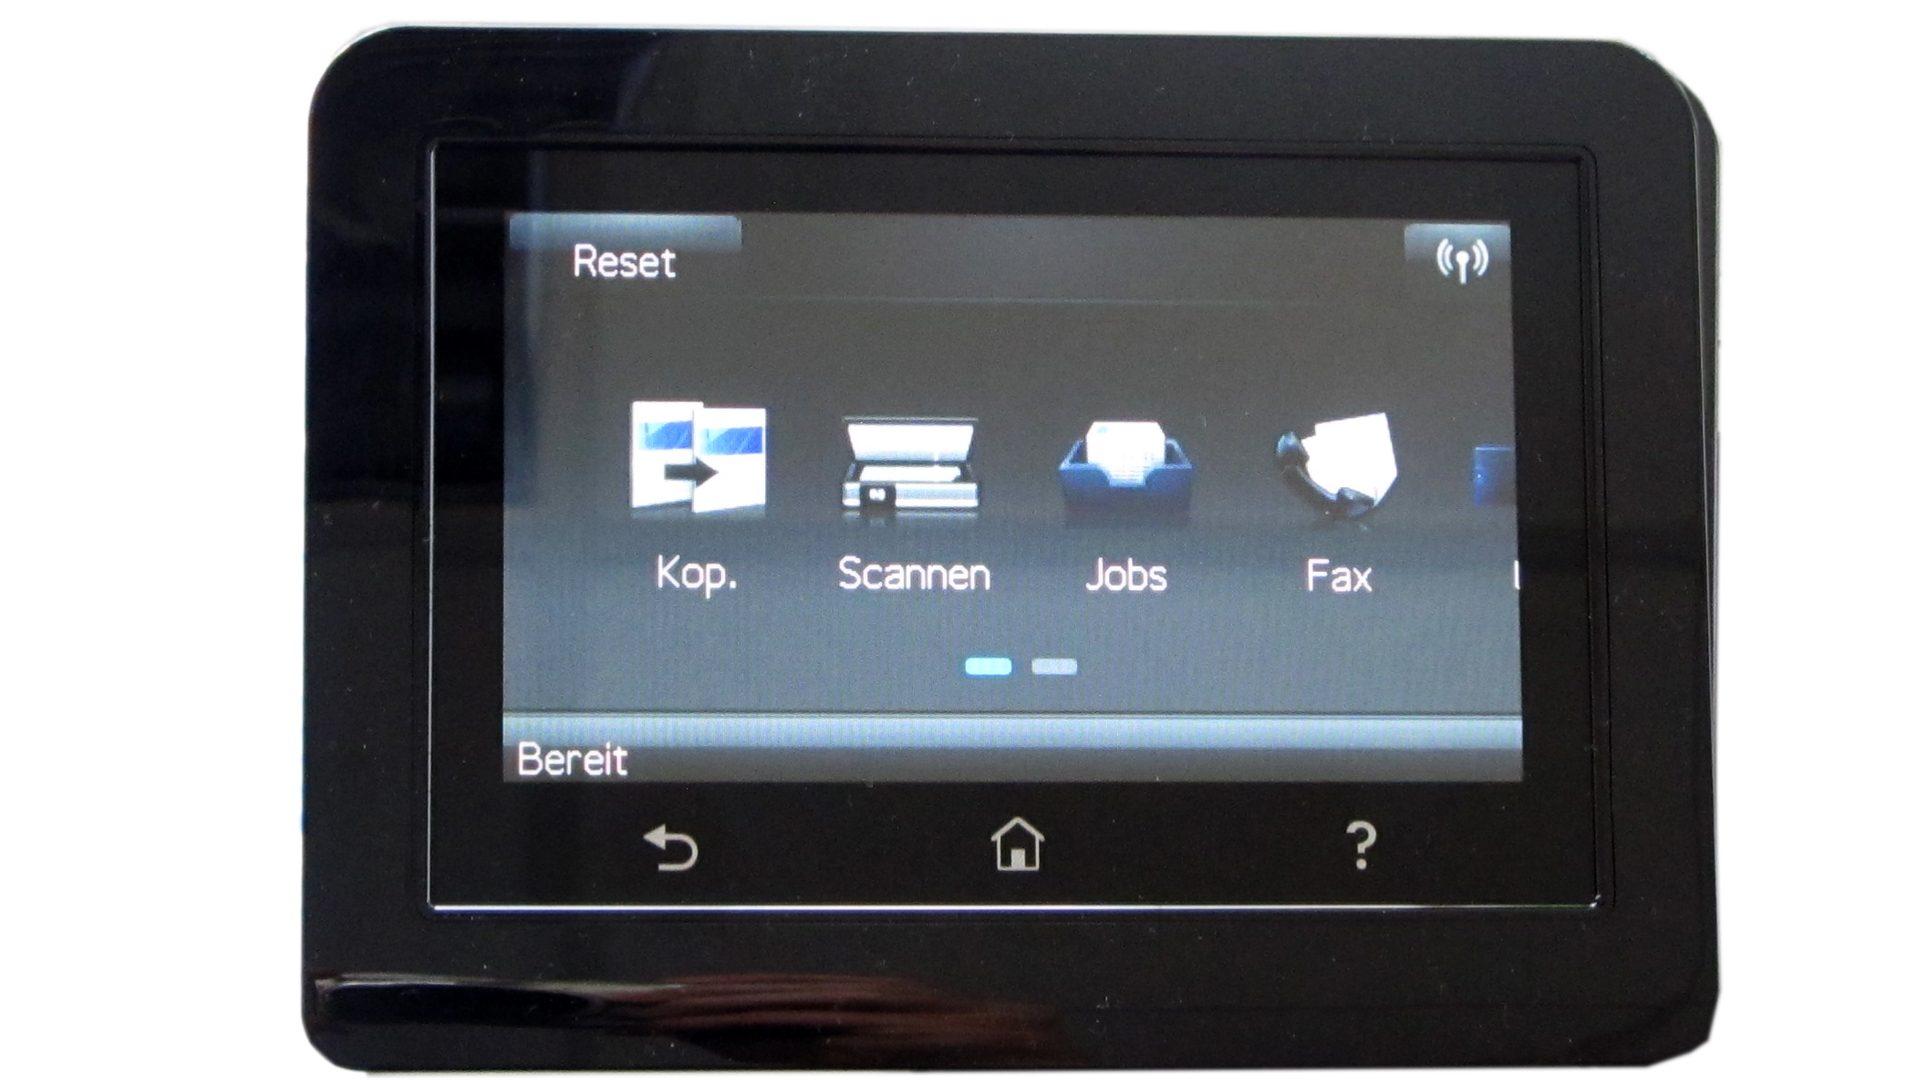 HP-Color-Laser-Jet-Pro-M477dw-Display-3